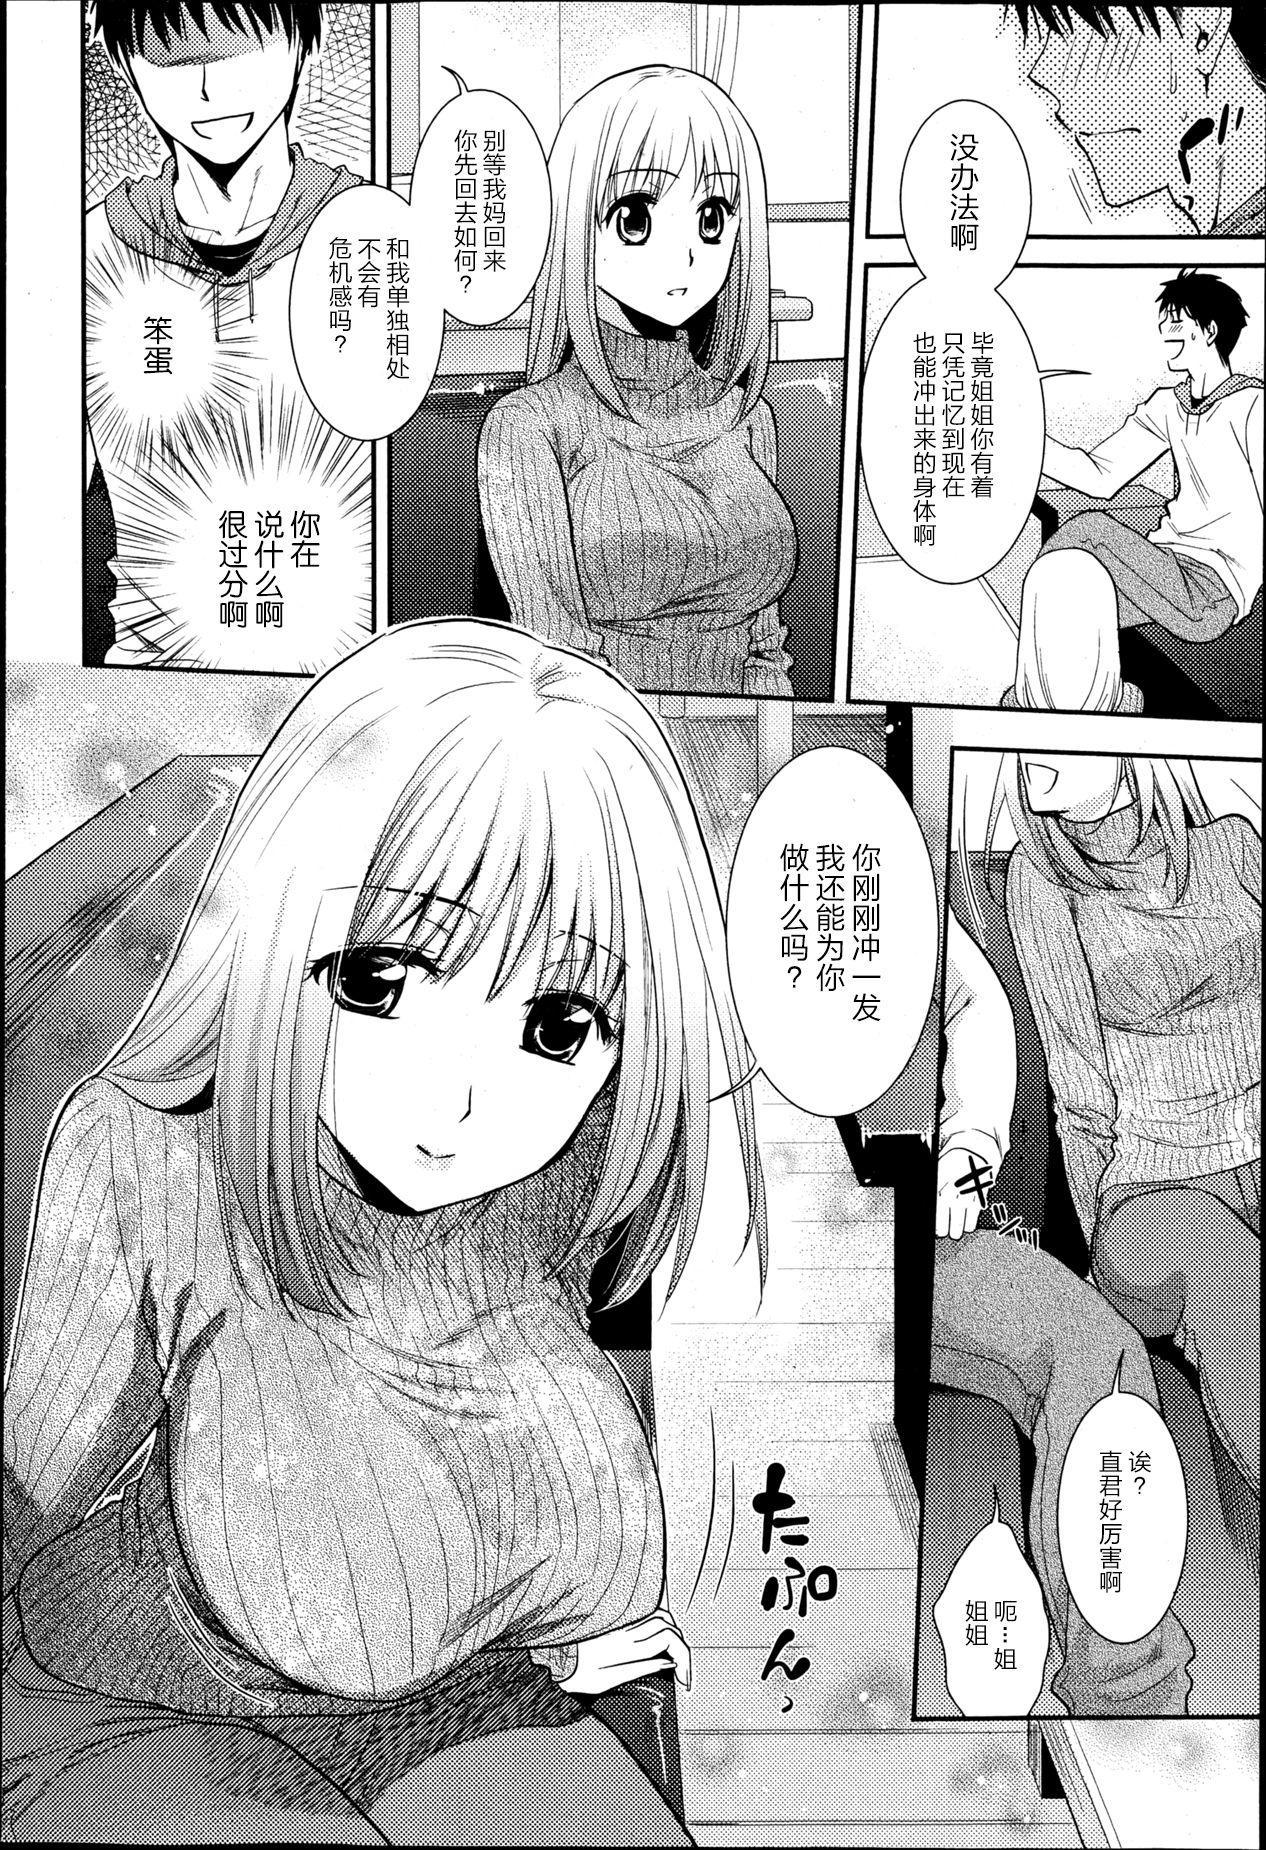 Anekoi Memory 5